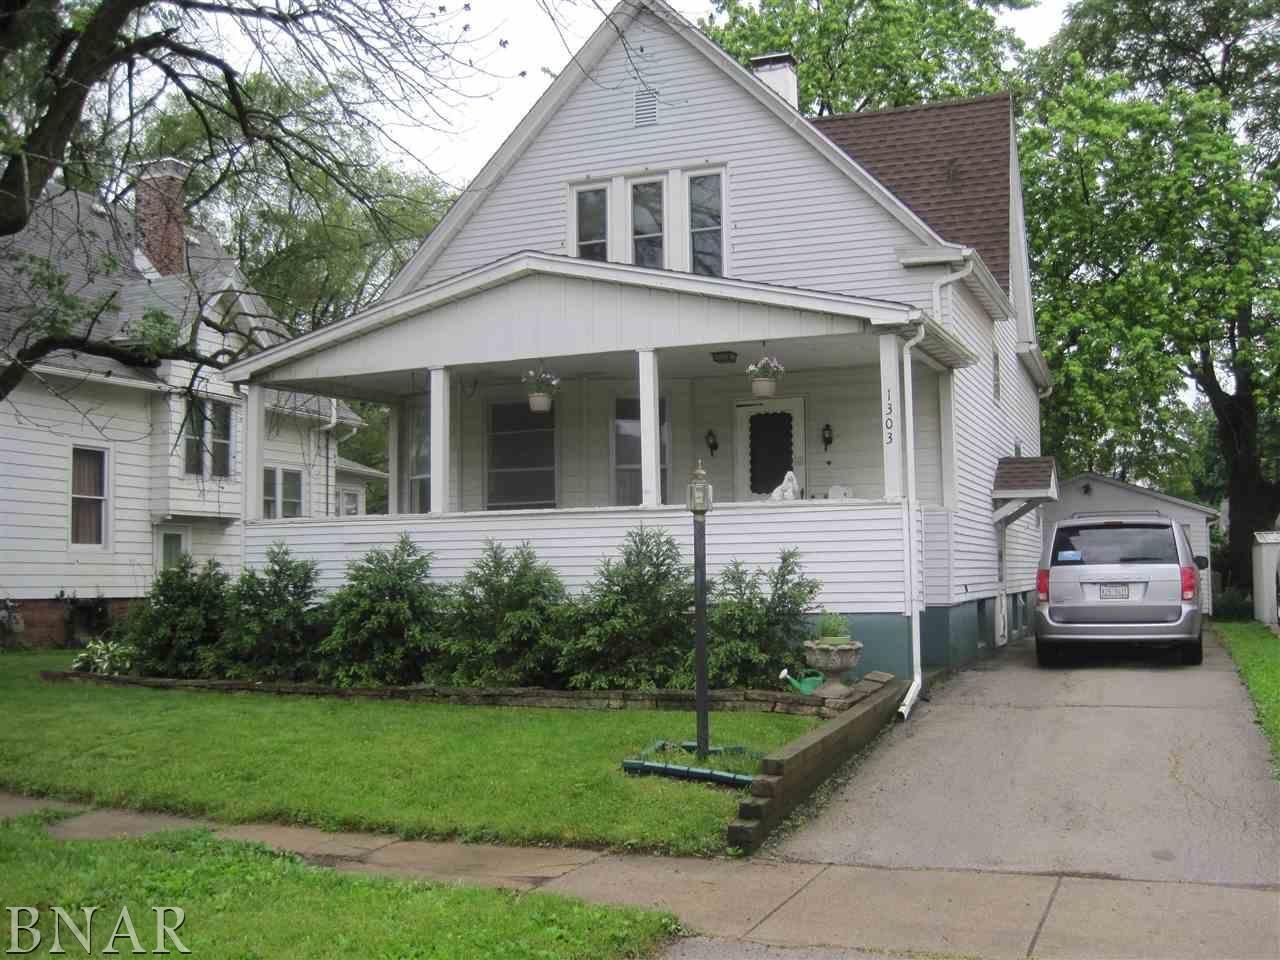 For sale 103900 1303 s center st bloomington il 61701